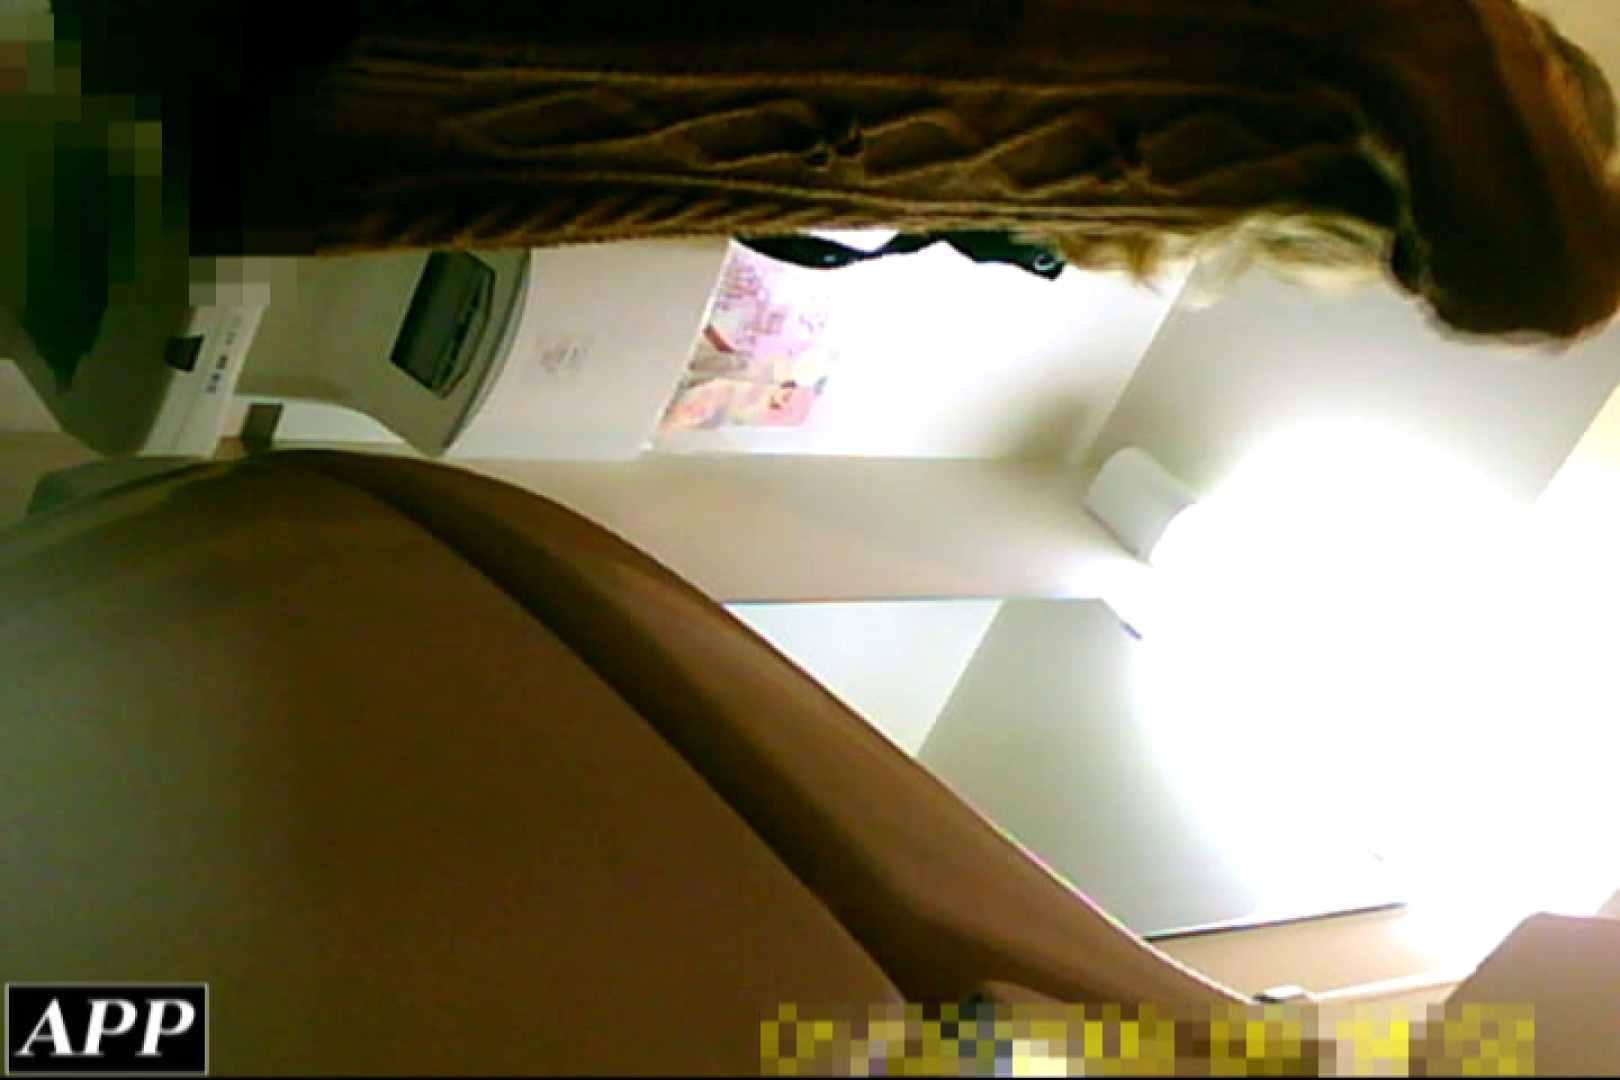 3視点洗面所 vol.01 洗面所のぞき 濡れ場動画紹介 109枚 52